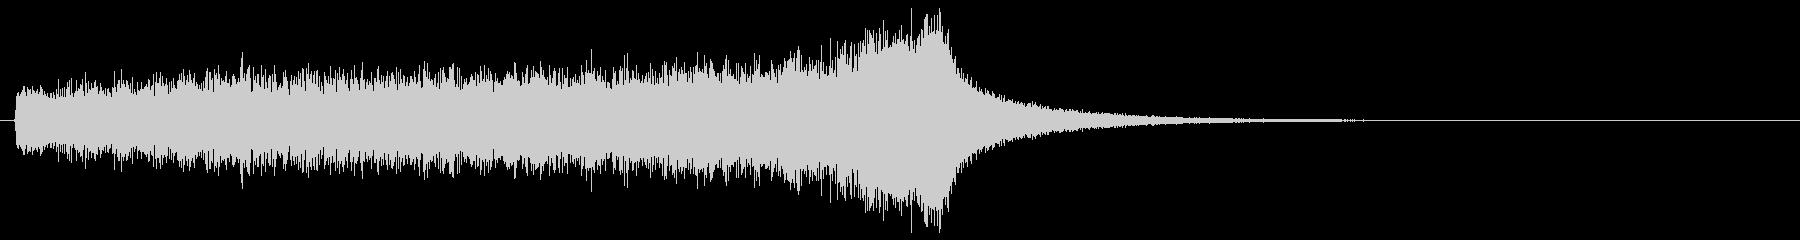 飛んでいく音 魔法の音3の未再生の波形